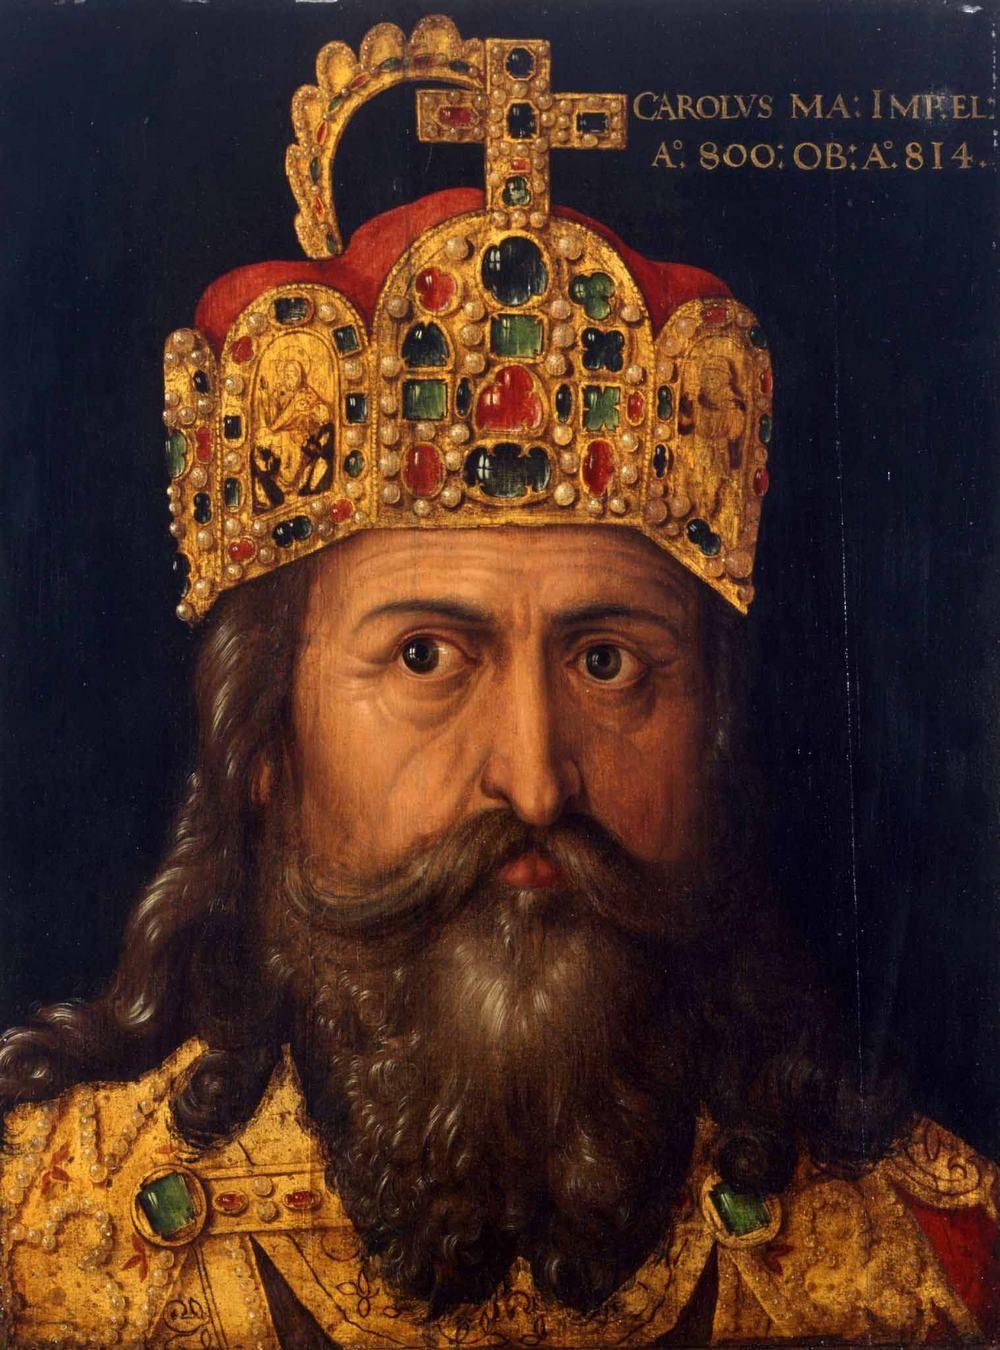 Na przełomie X i XI wieku uważano, że tylko ci w których żyłach płynie krew Karola Wielkiego mogą tytułować się królami (źródło: domena publiczna).